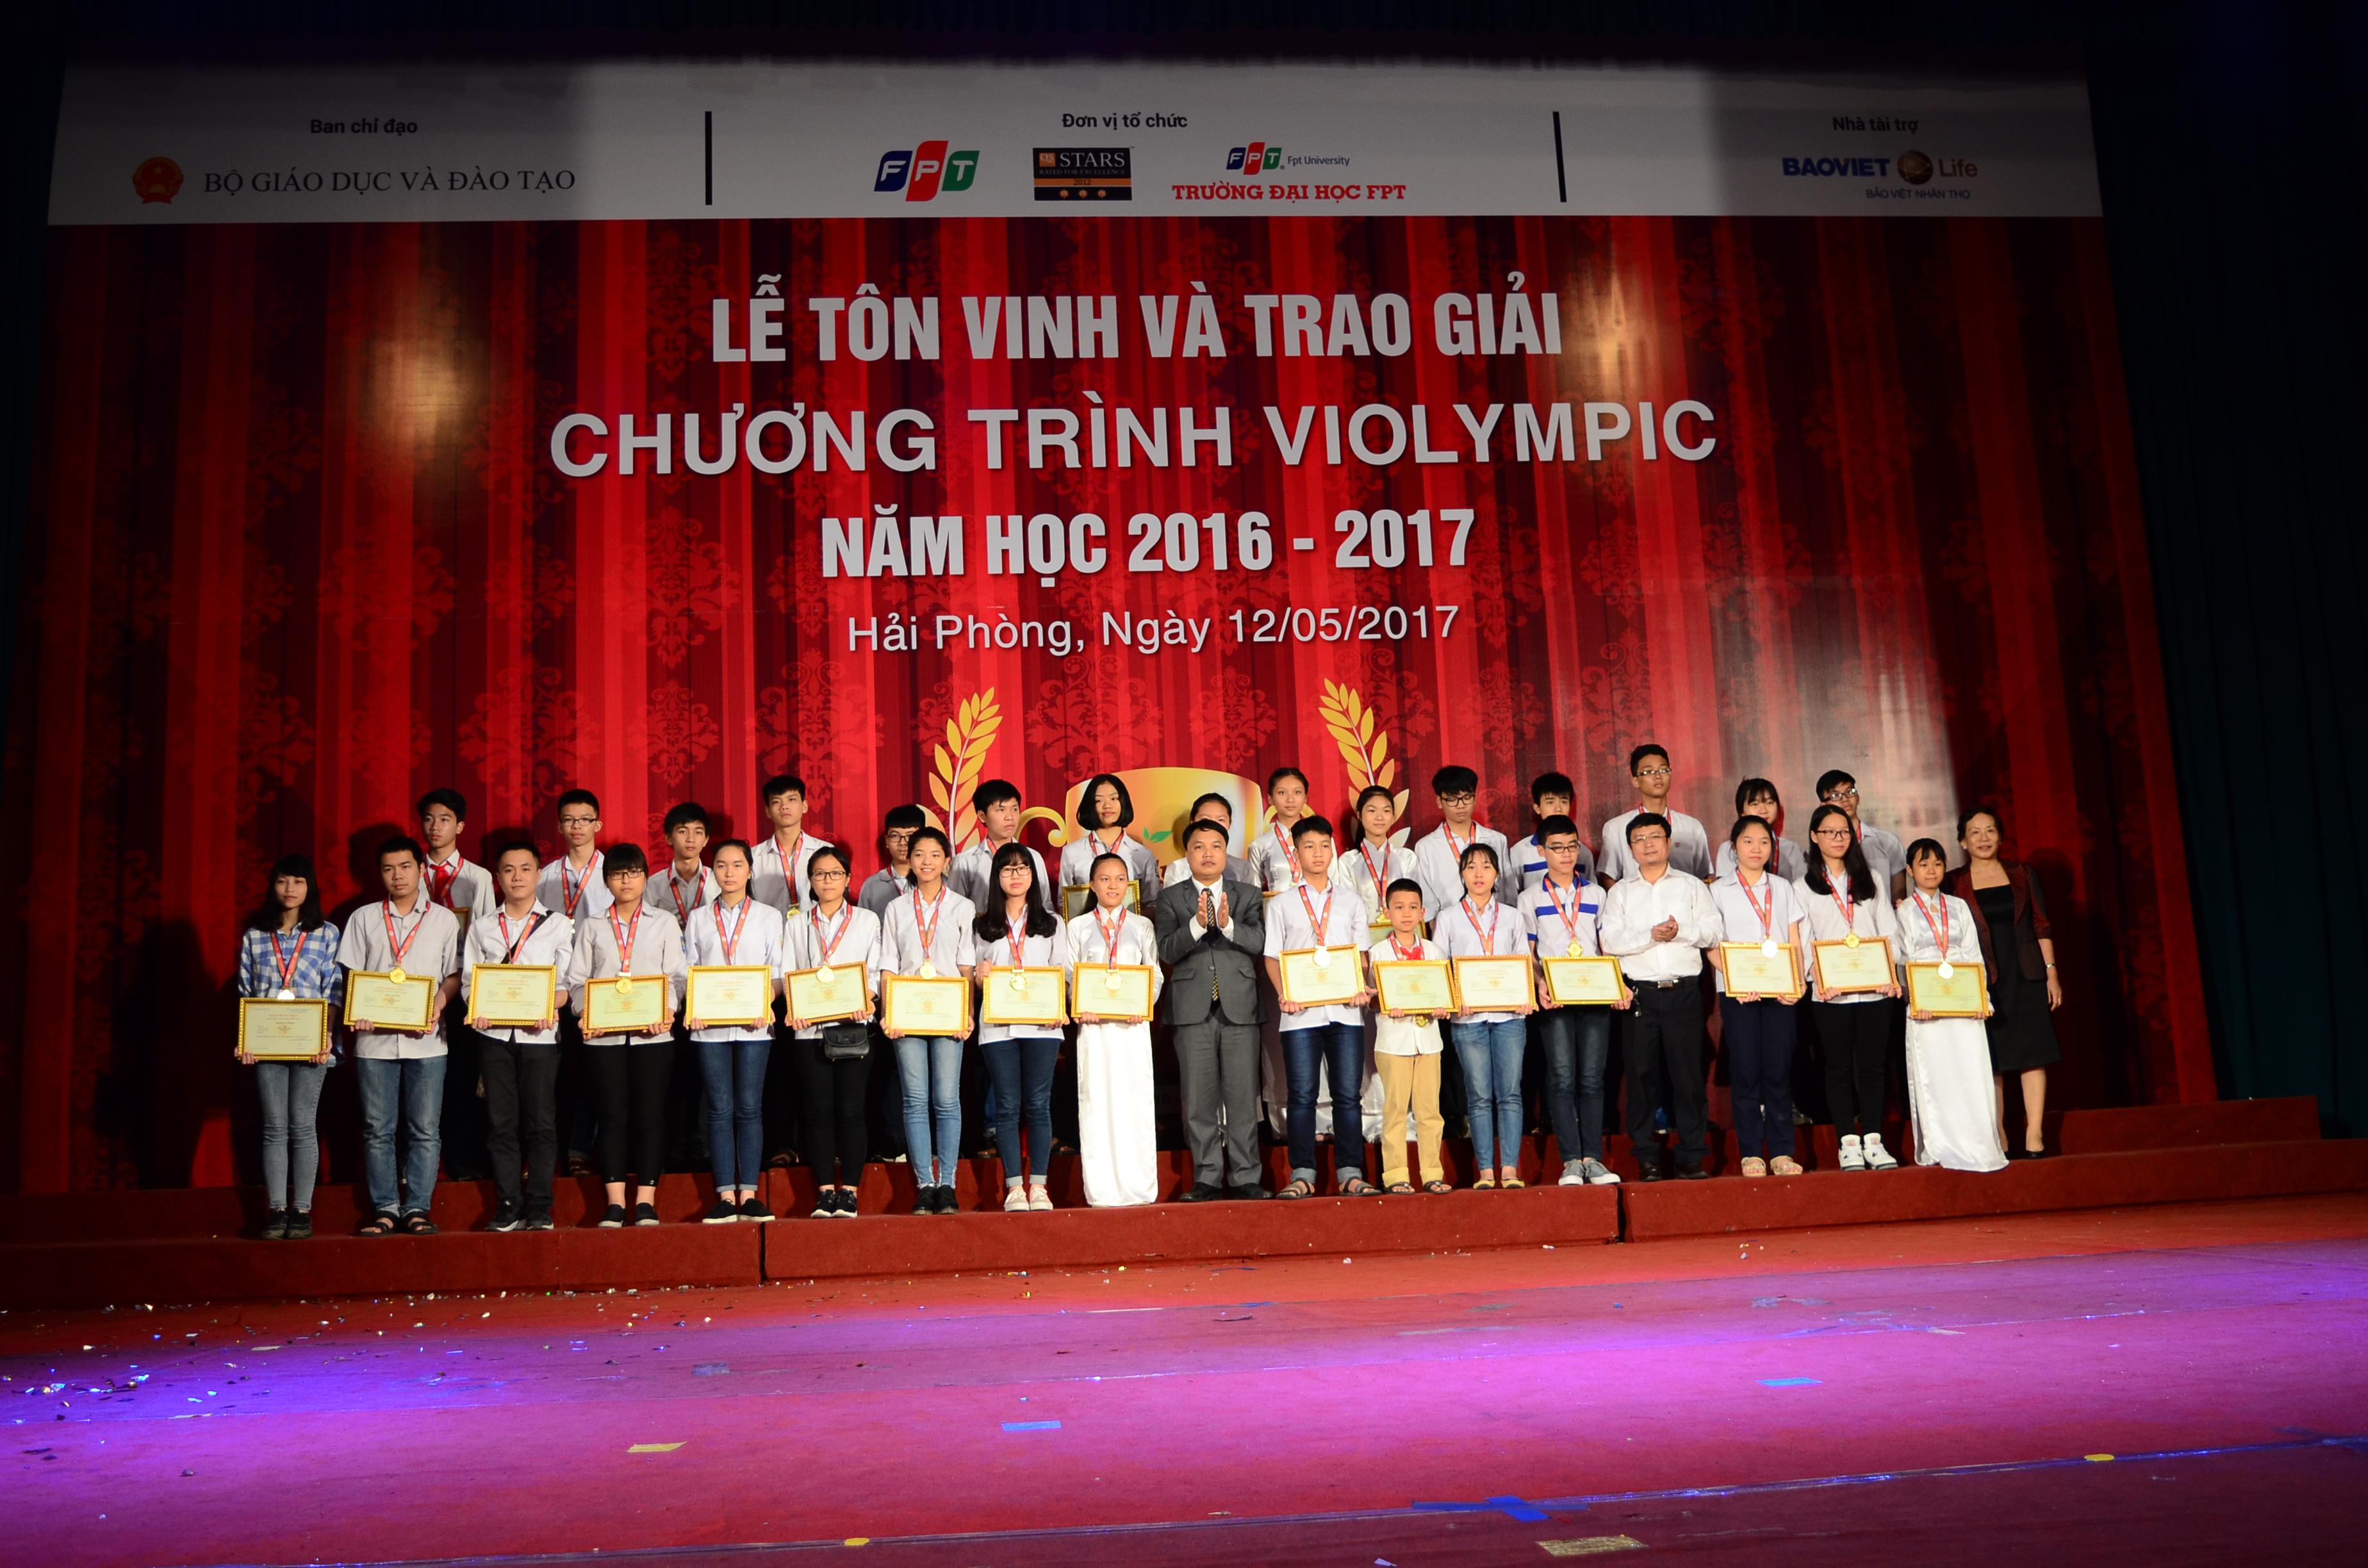 Gần 4.500 học sinh được vinh danh tại Lễ trao giải Violympic 2016-2017